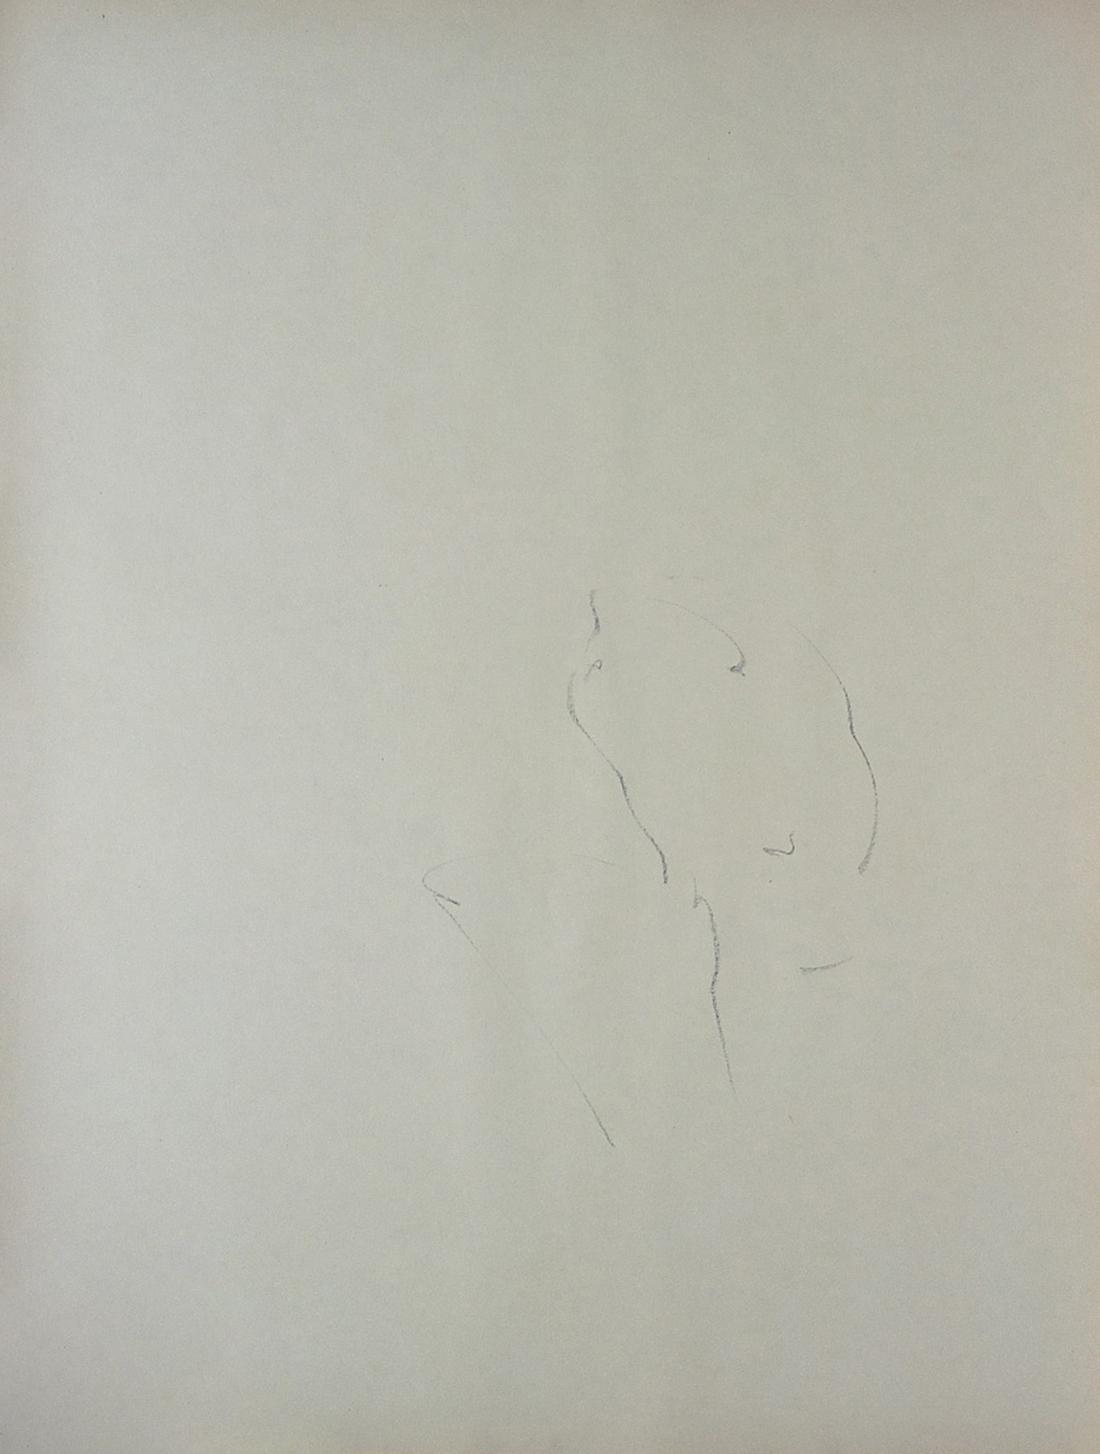 Lala Rukh  Untitled 13 1983 - 1985 Conté on paper 74 x 56.5 cm